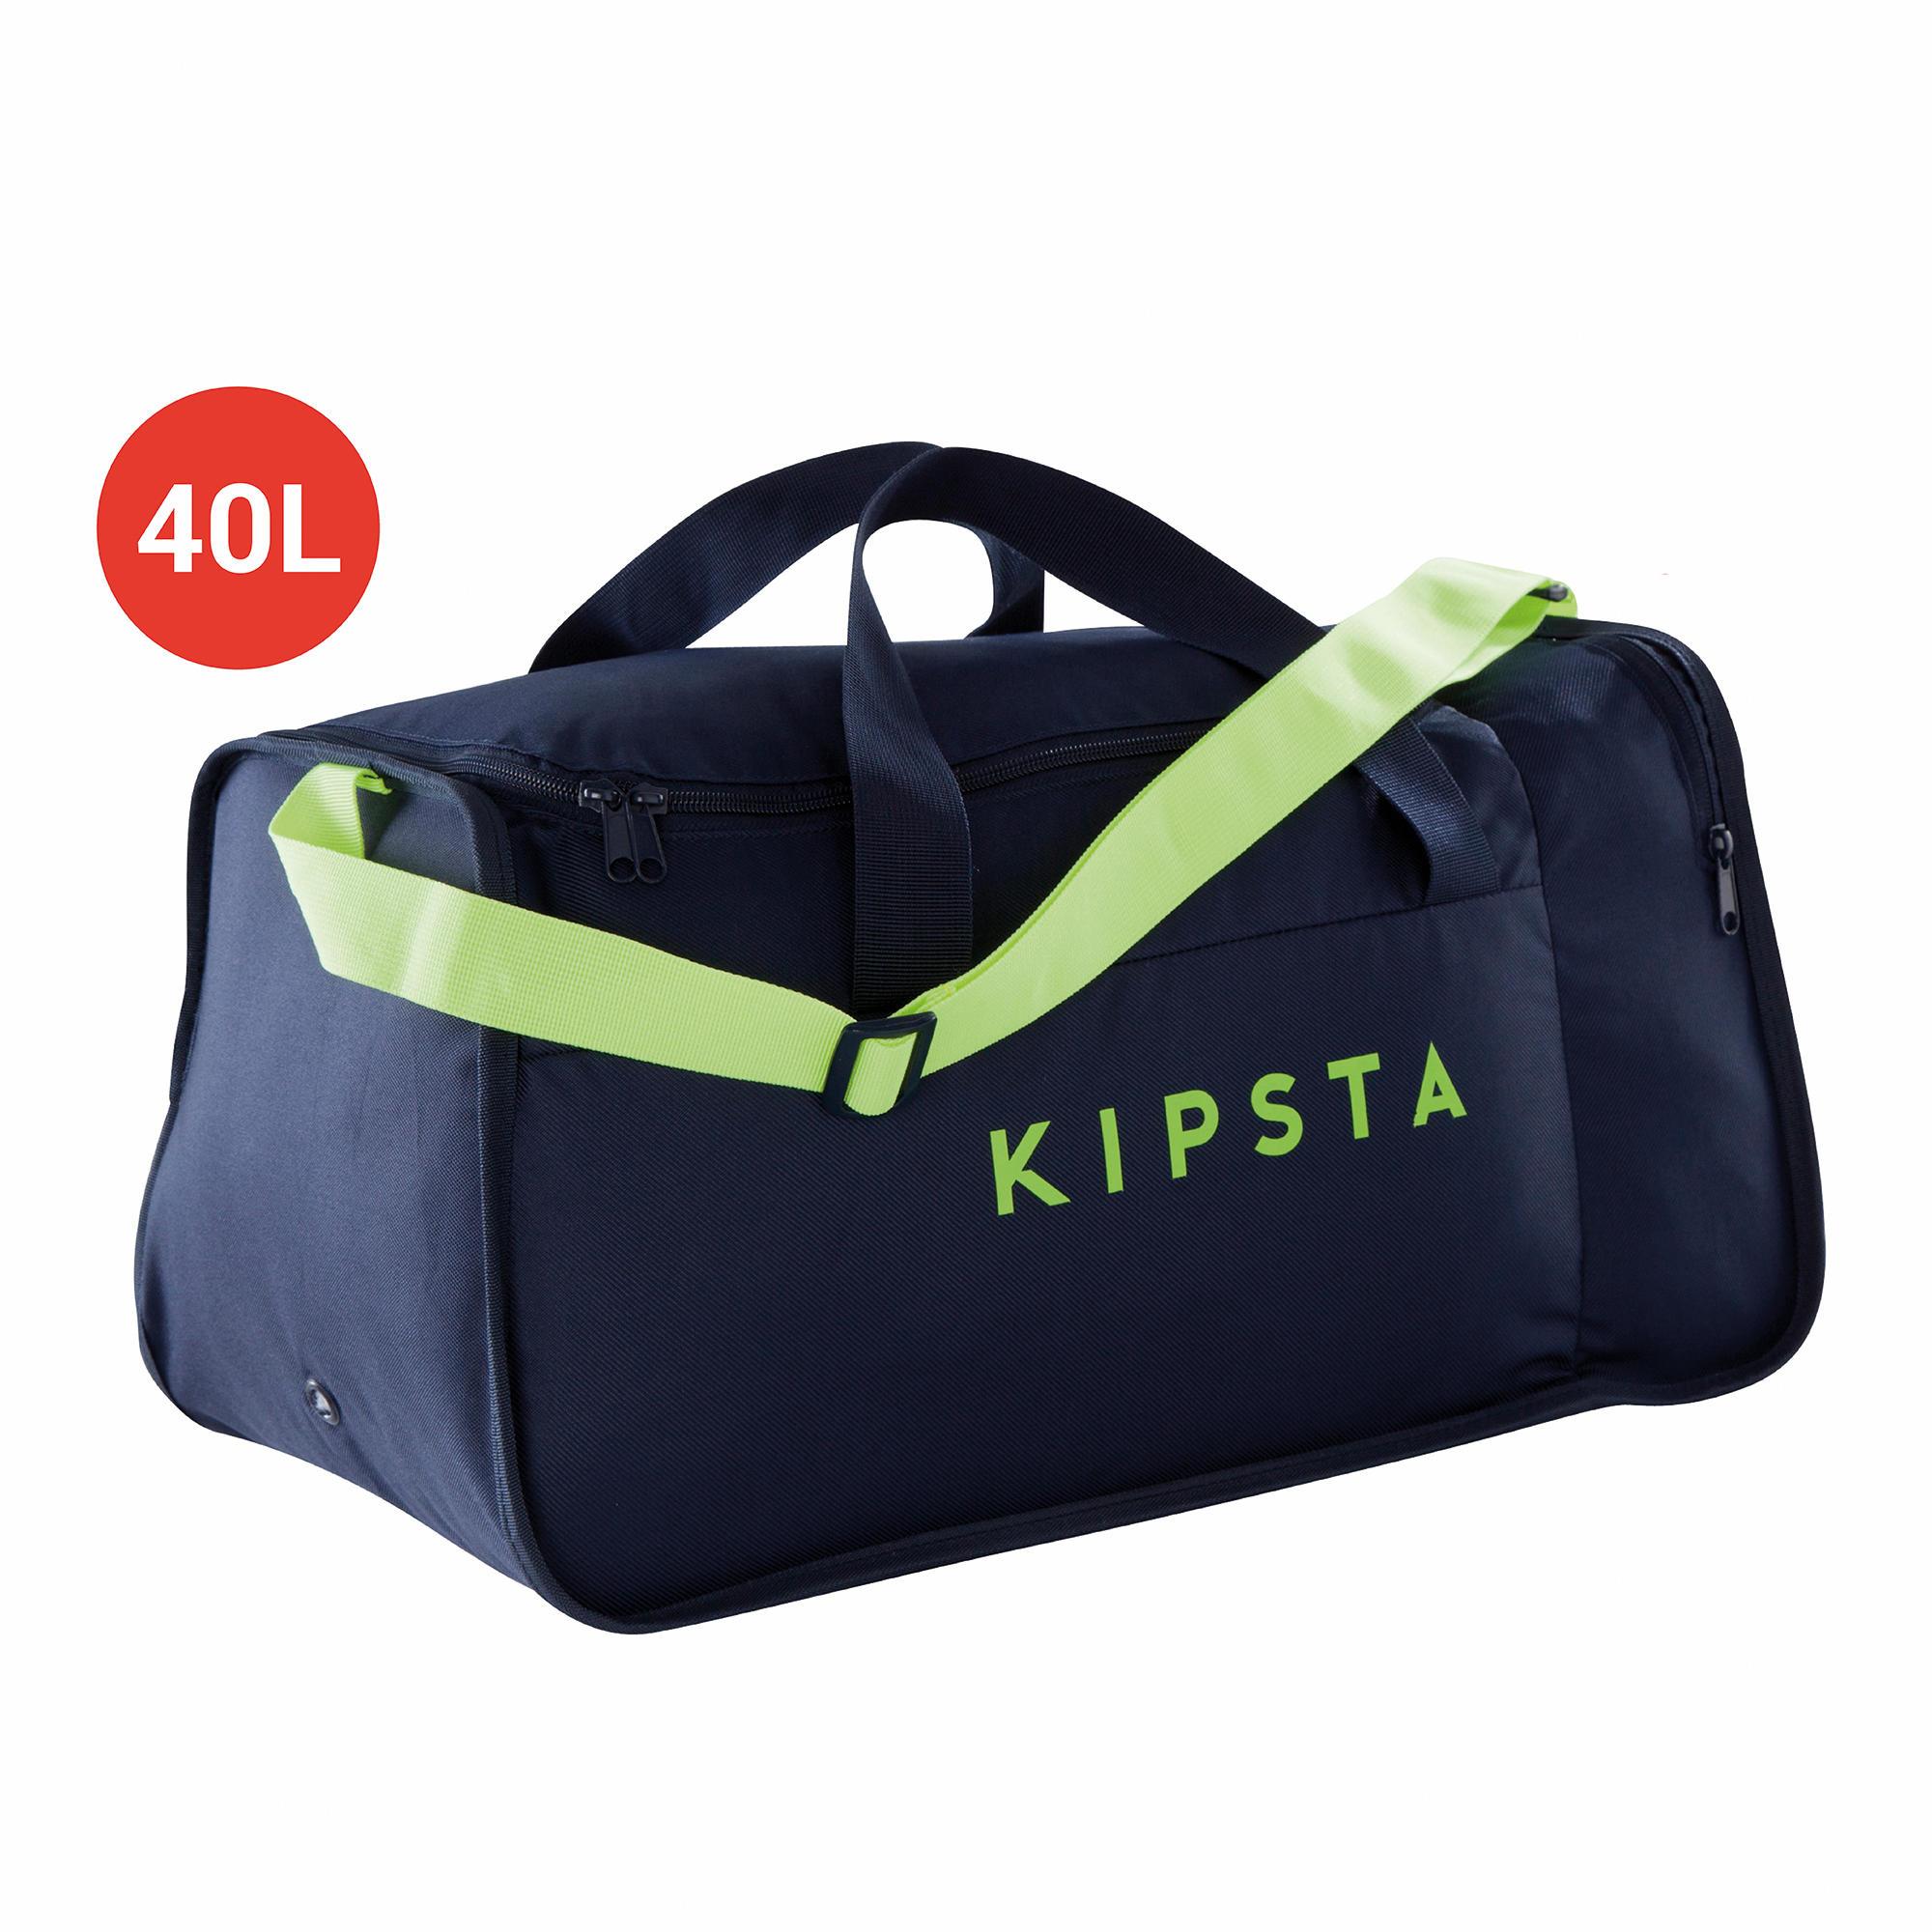 f0ae16d40a23c Große Auswahl an Sporttaschen